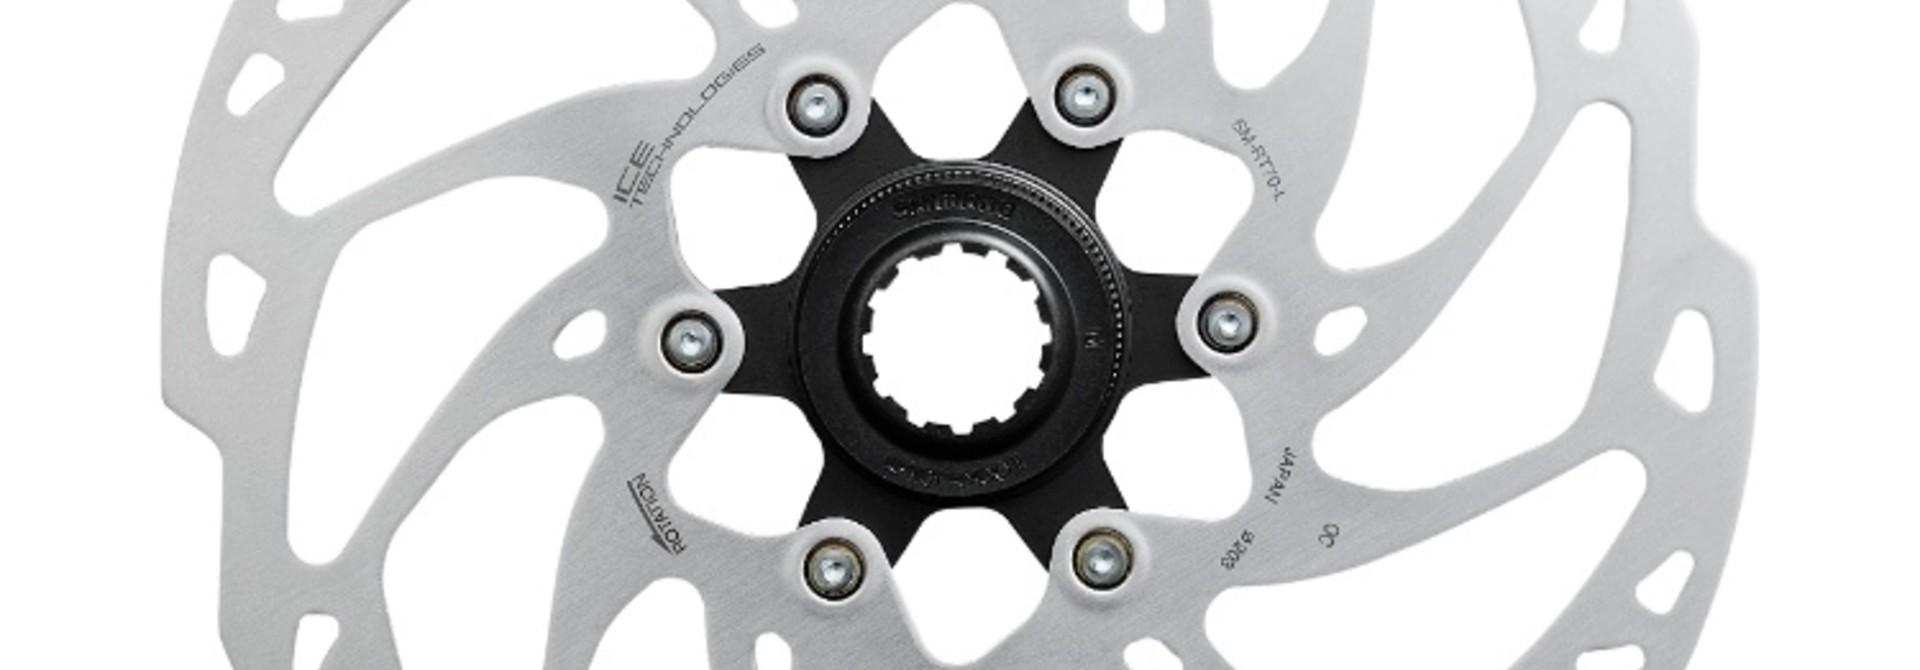 Shimano Rotor, SM-RT70, W/Lock Ring